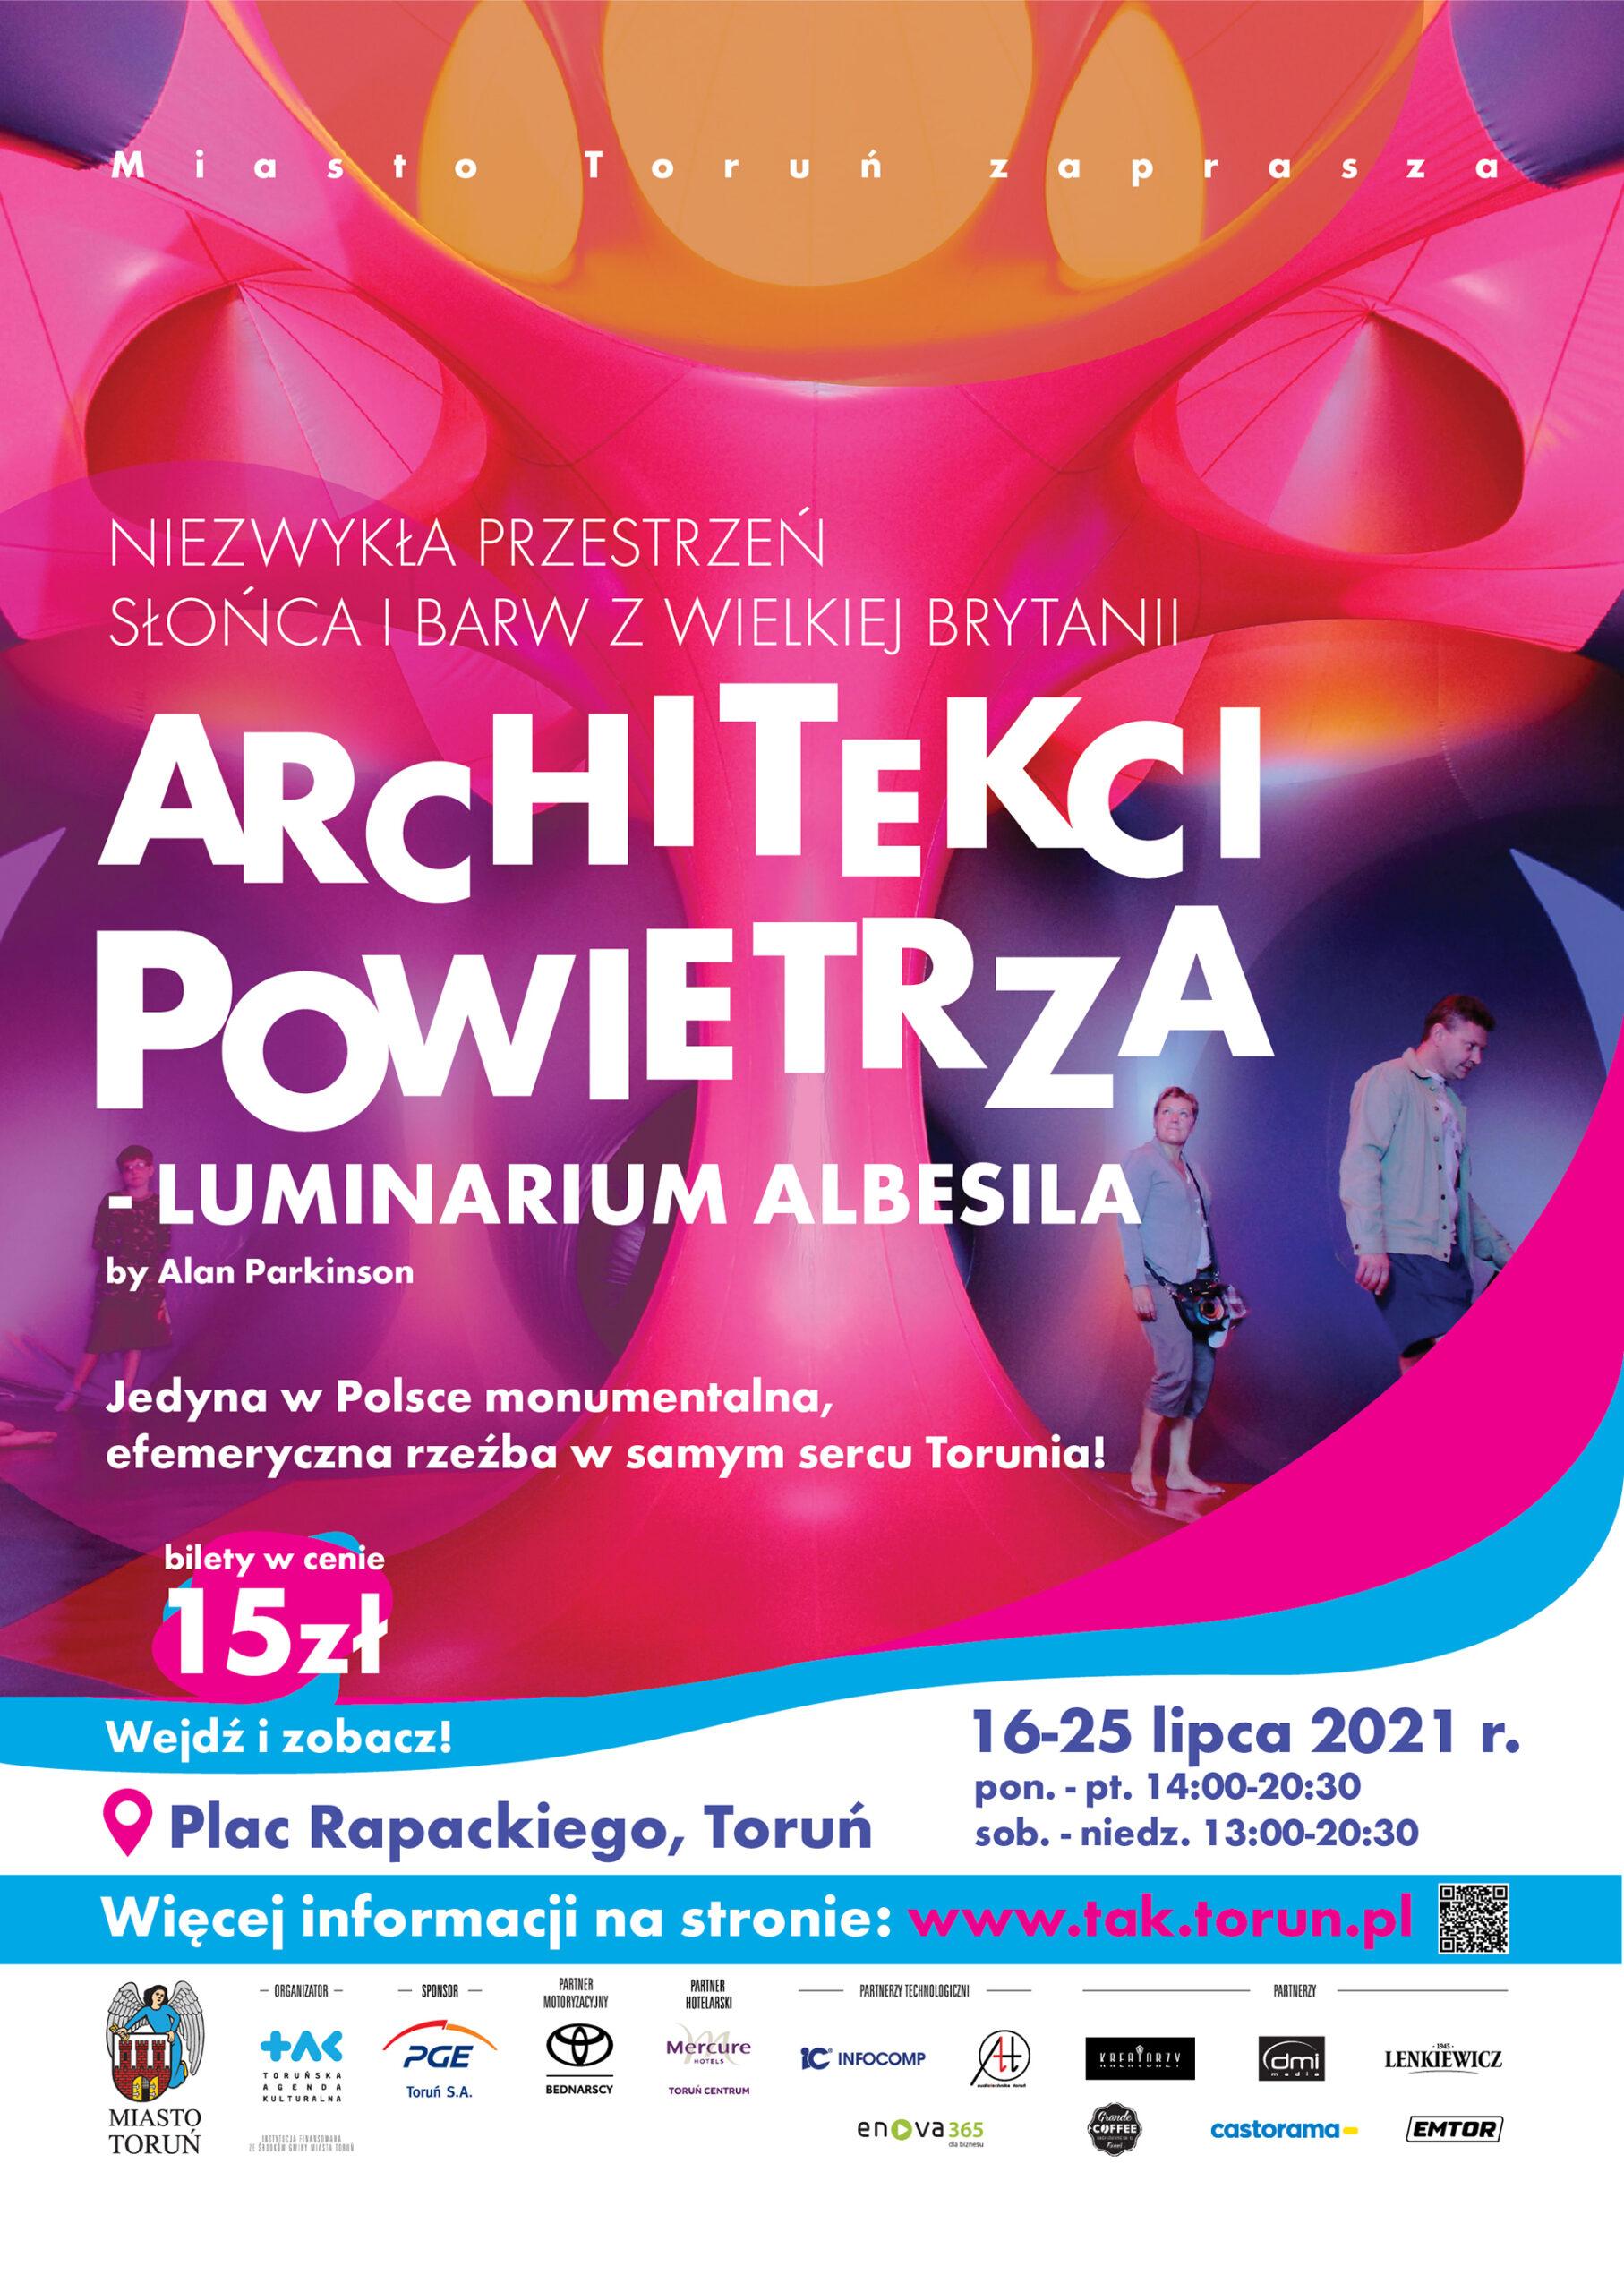 plakat wydarzenia Architekci Powietrza